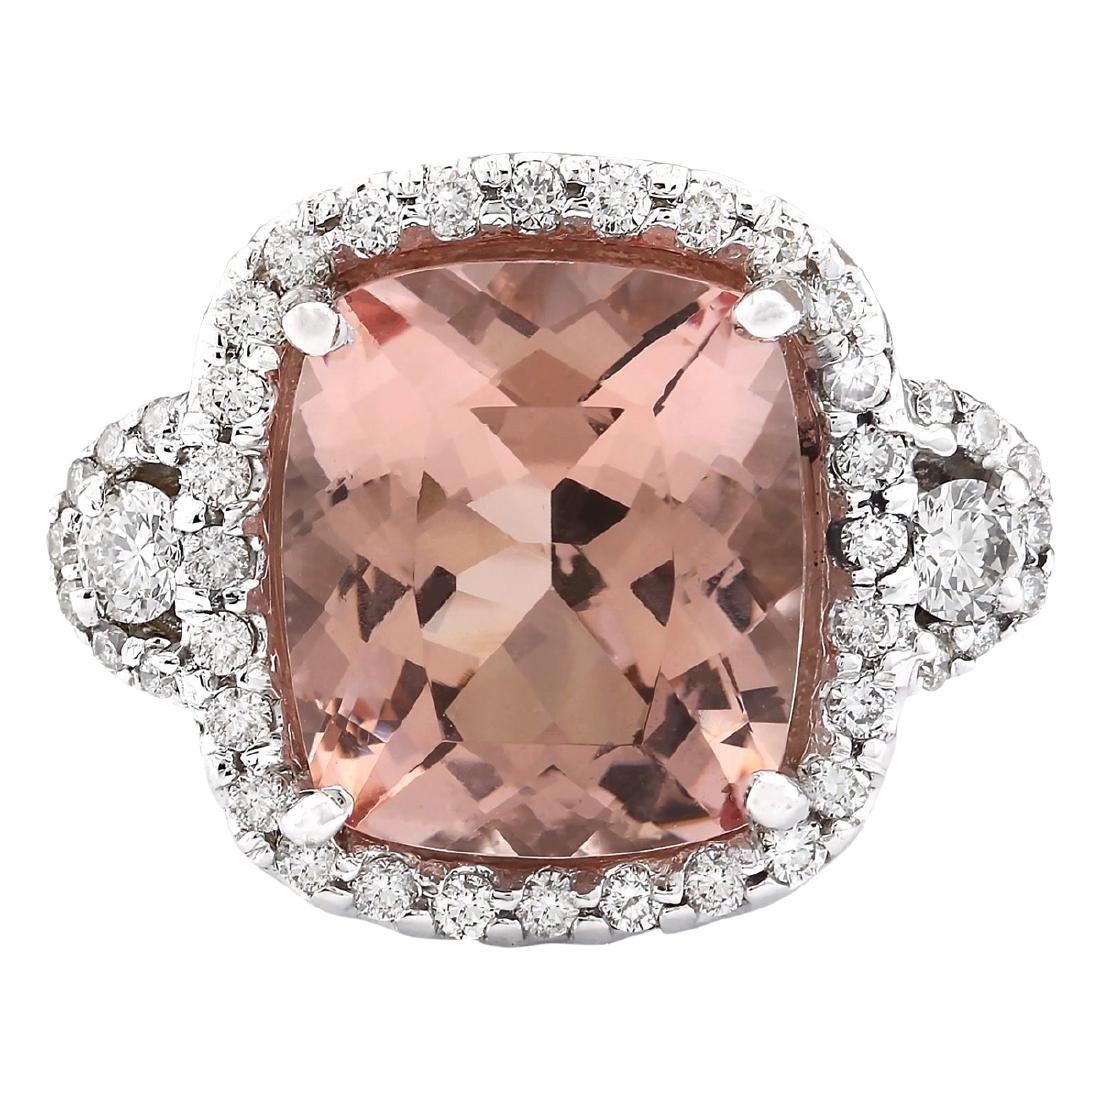 12.01 CTW Natural Morganite And Diamond Ring In 18K